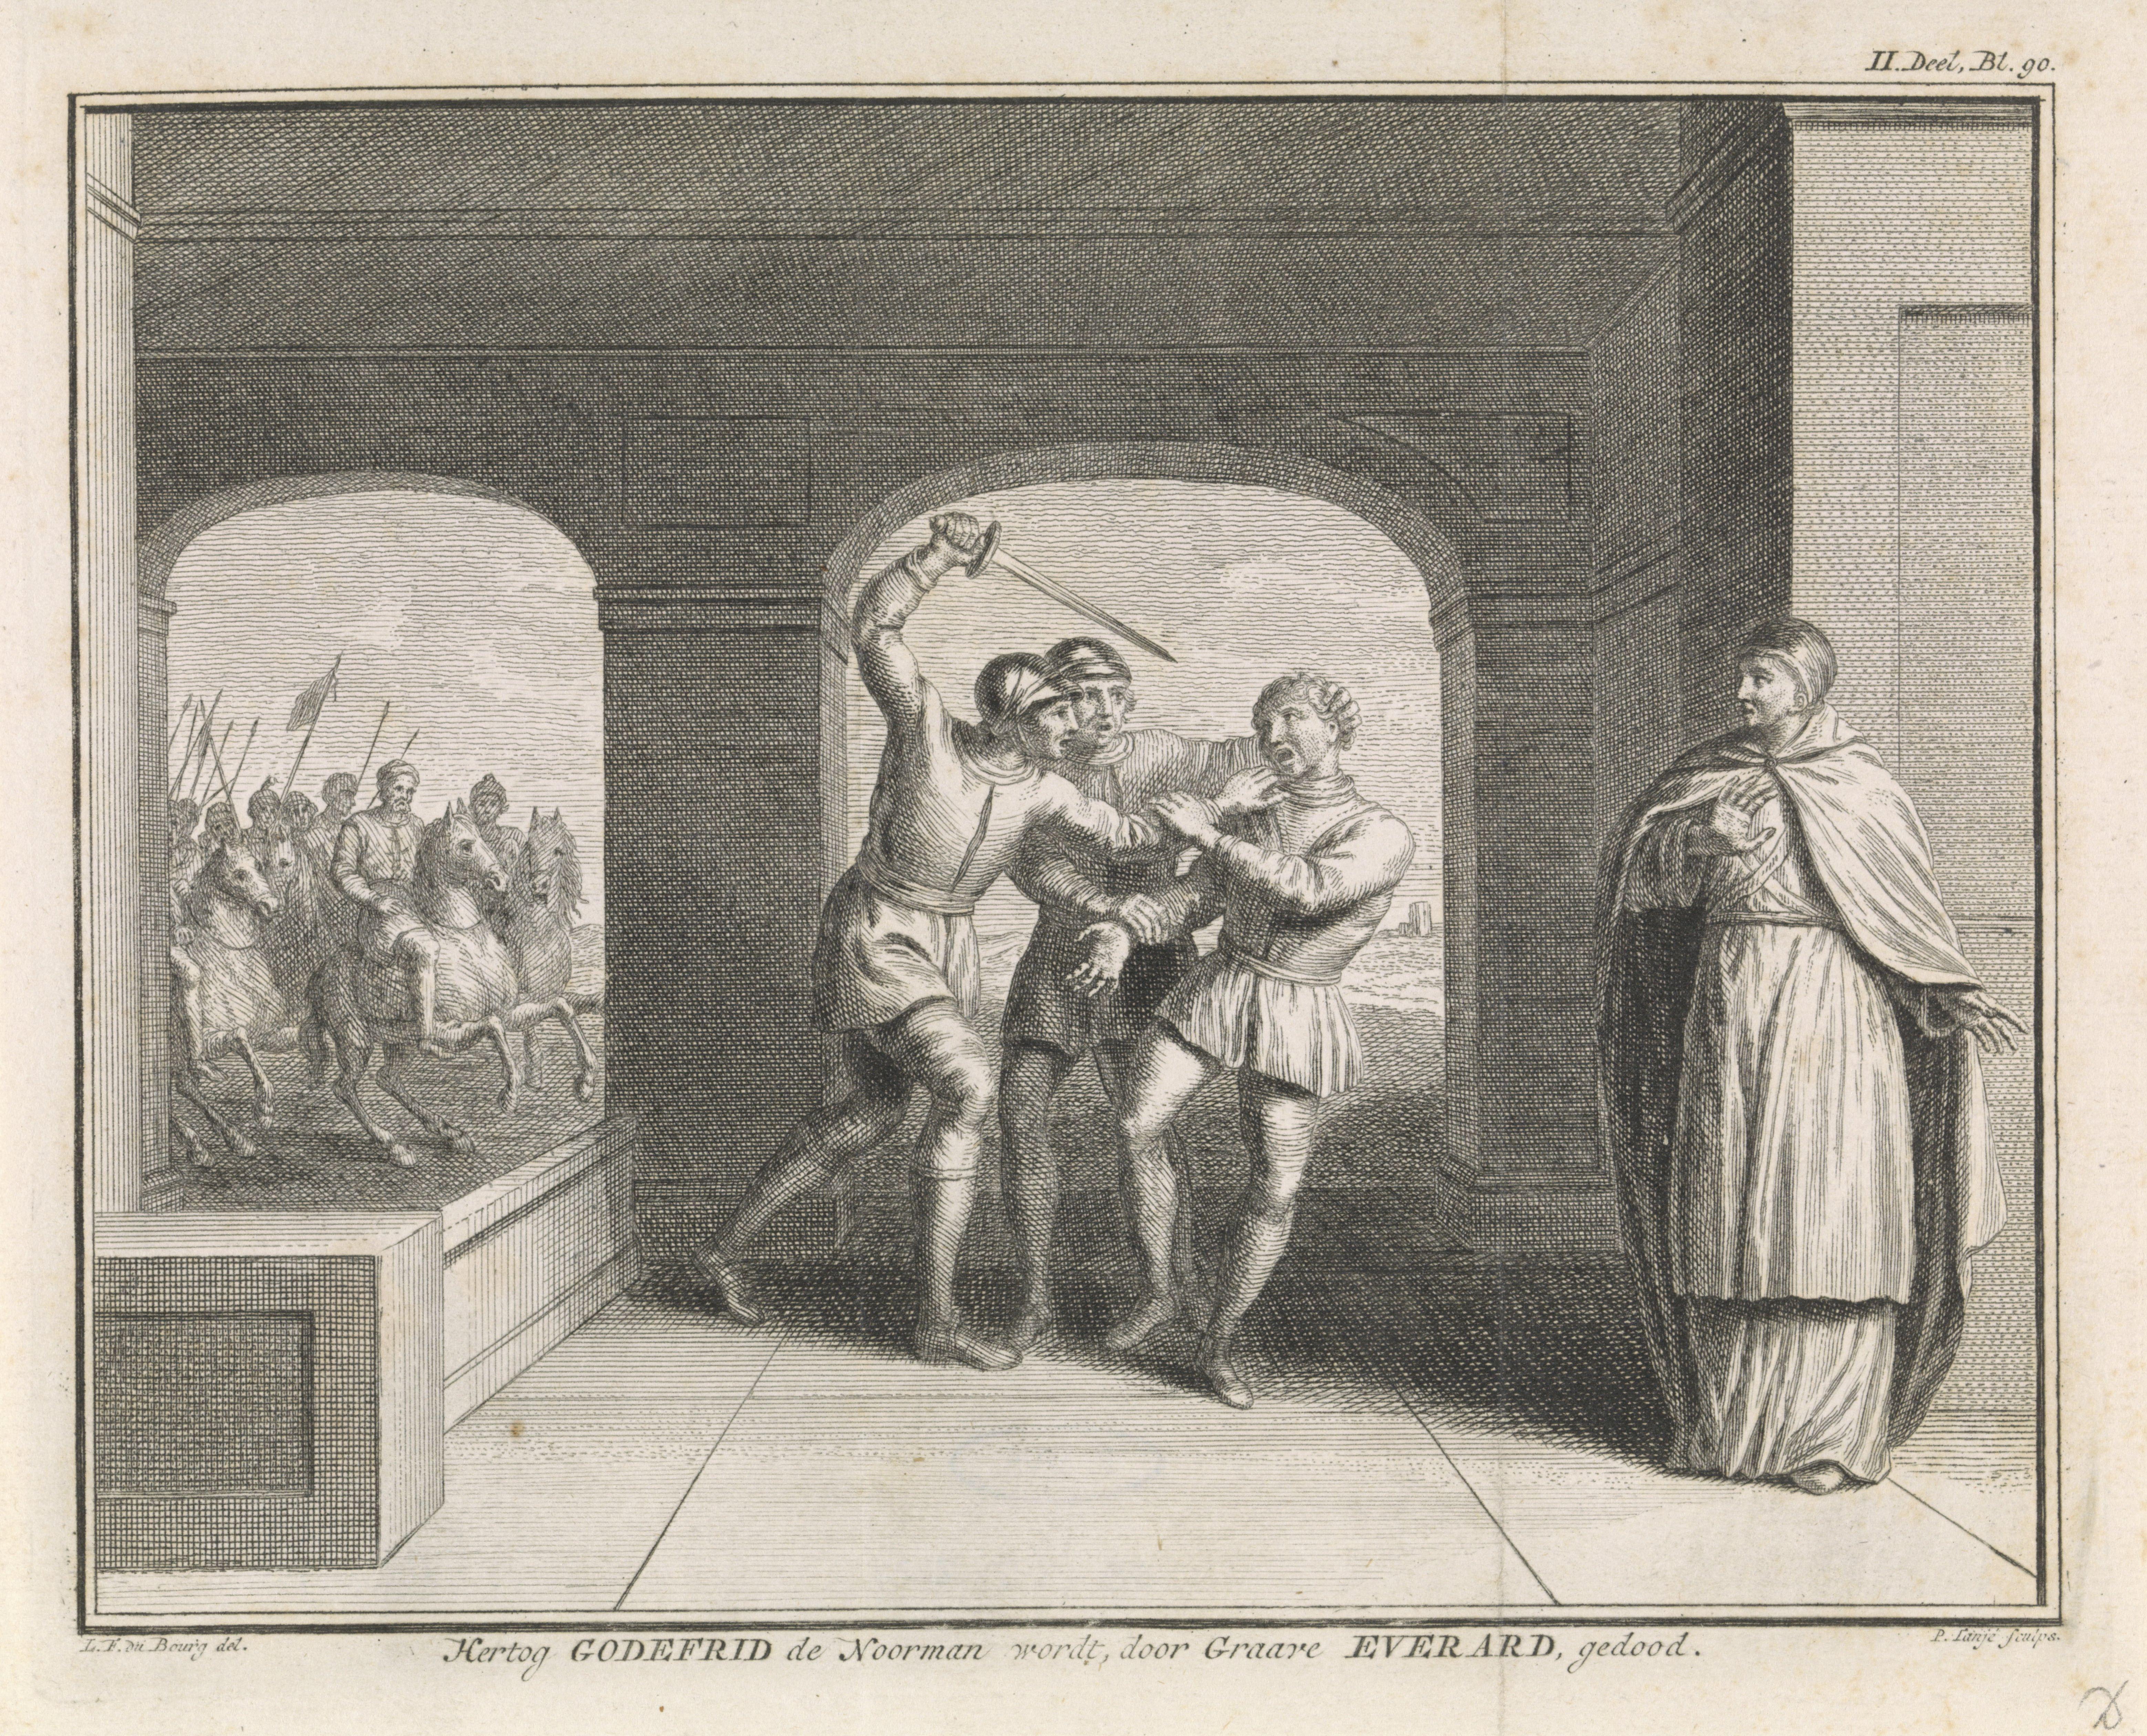 De moord op Godfried de Noorman. Beeld: Rijksstudio